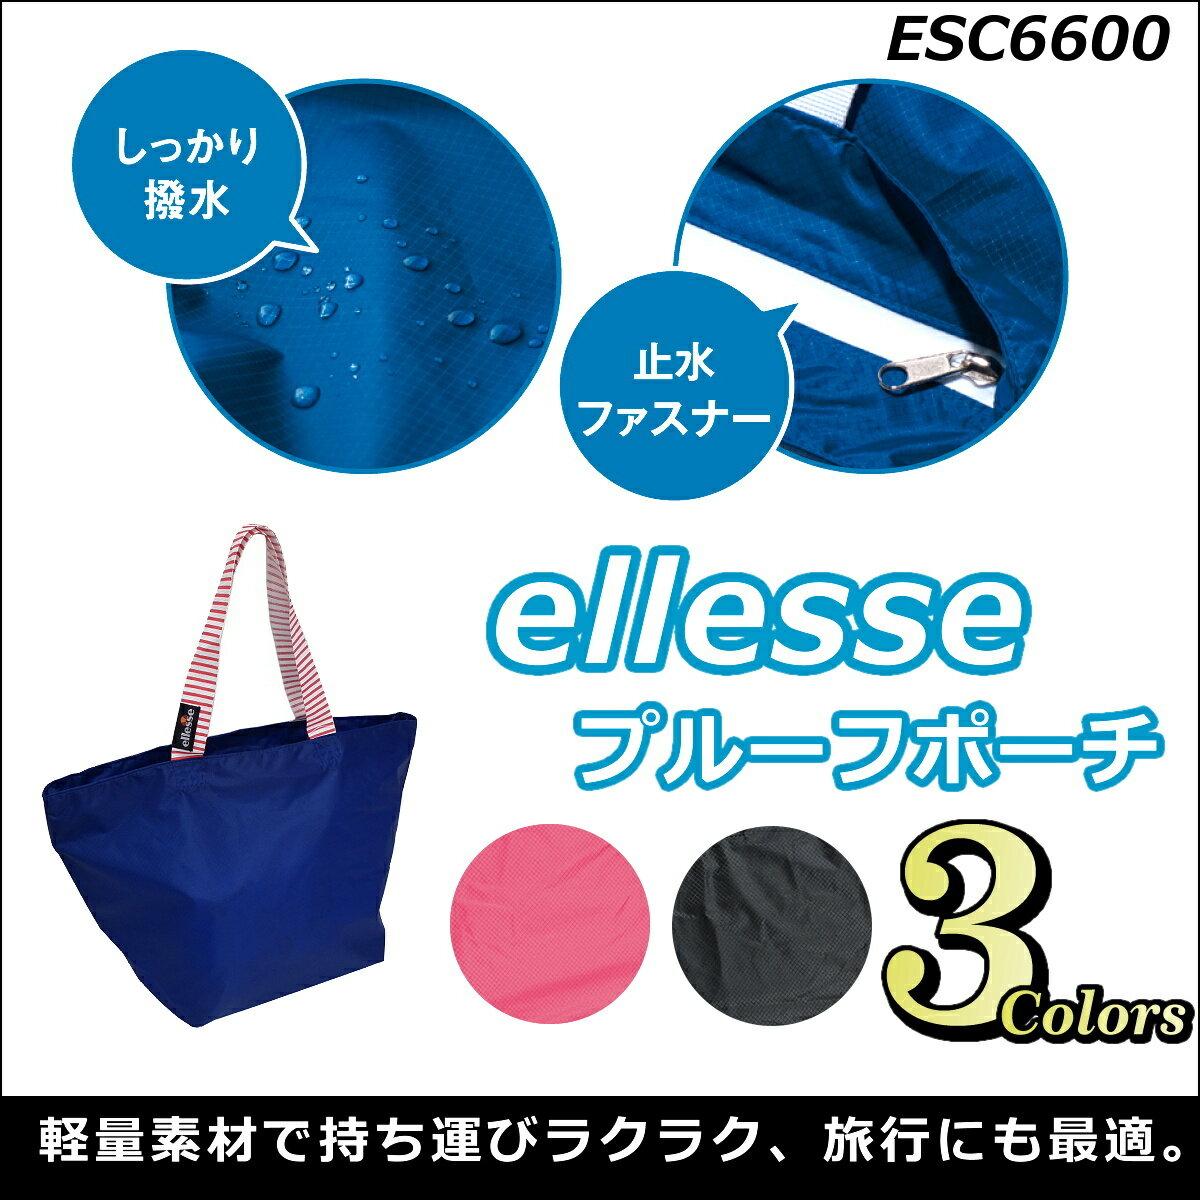 ellesse(エレッセ) プルーフポーチ(大) ESC6600-HK